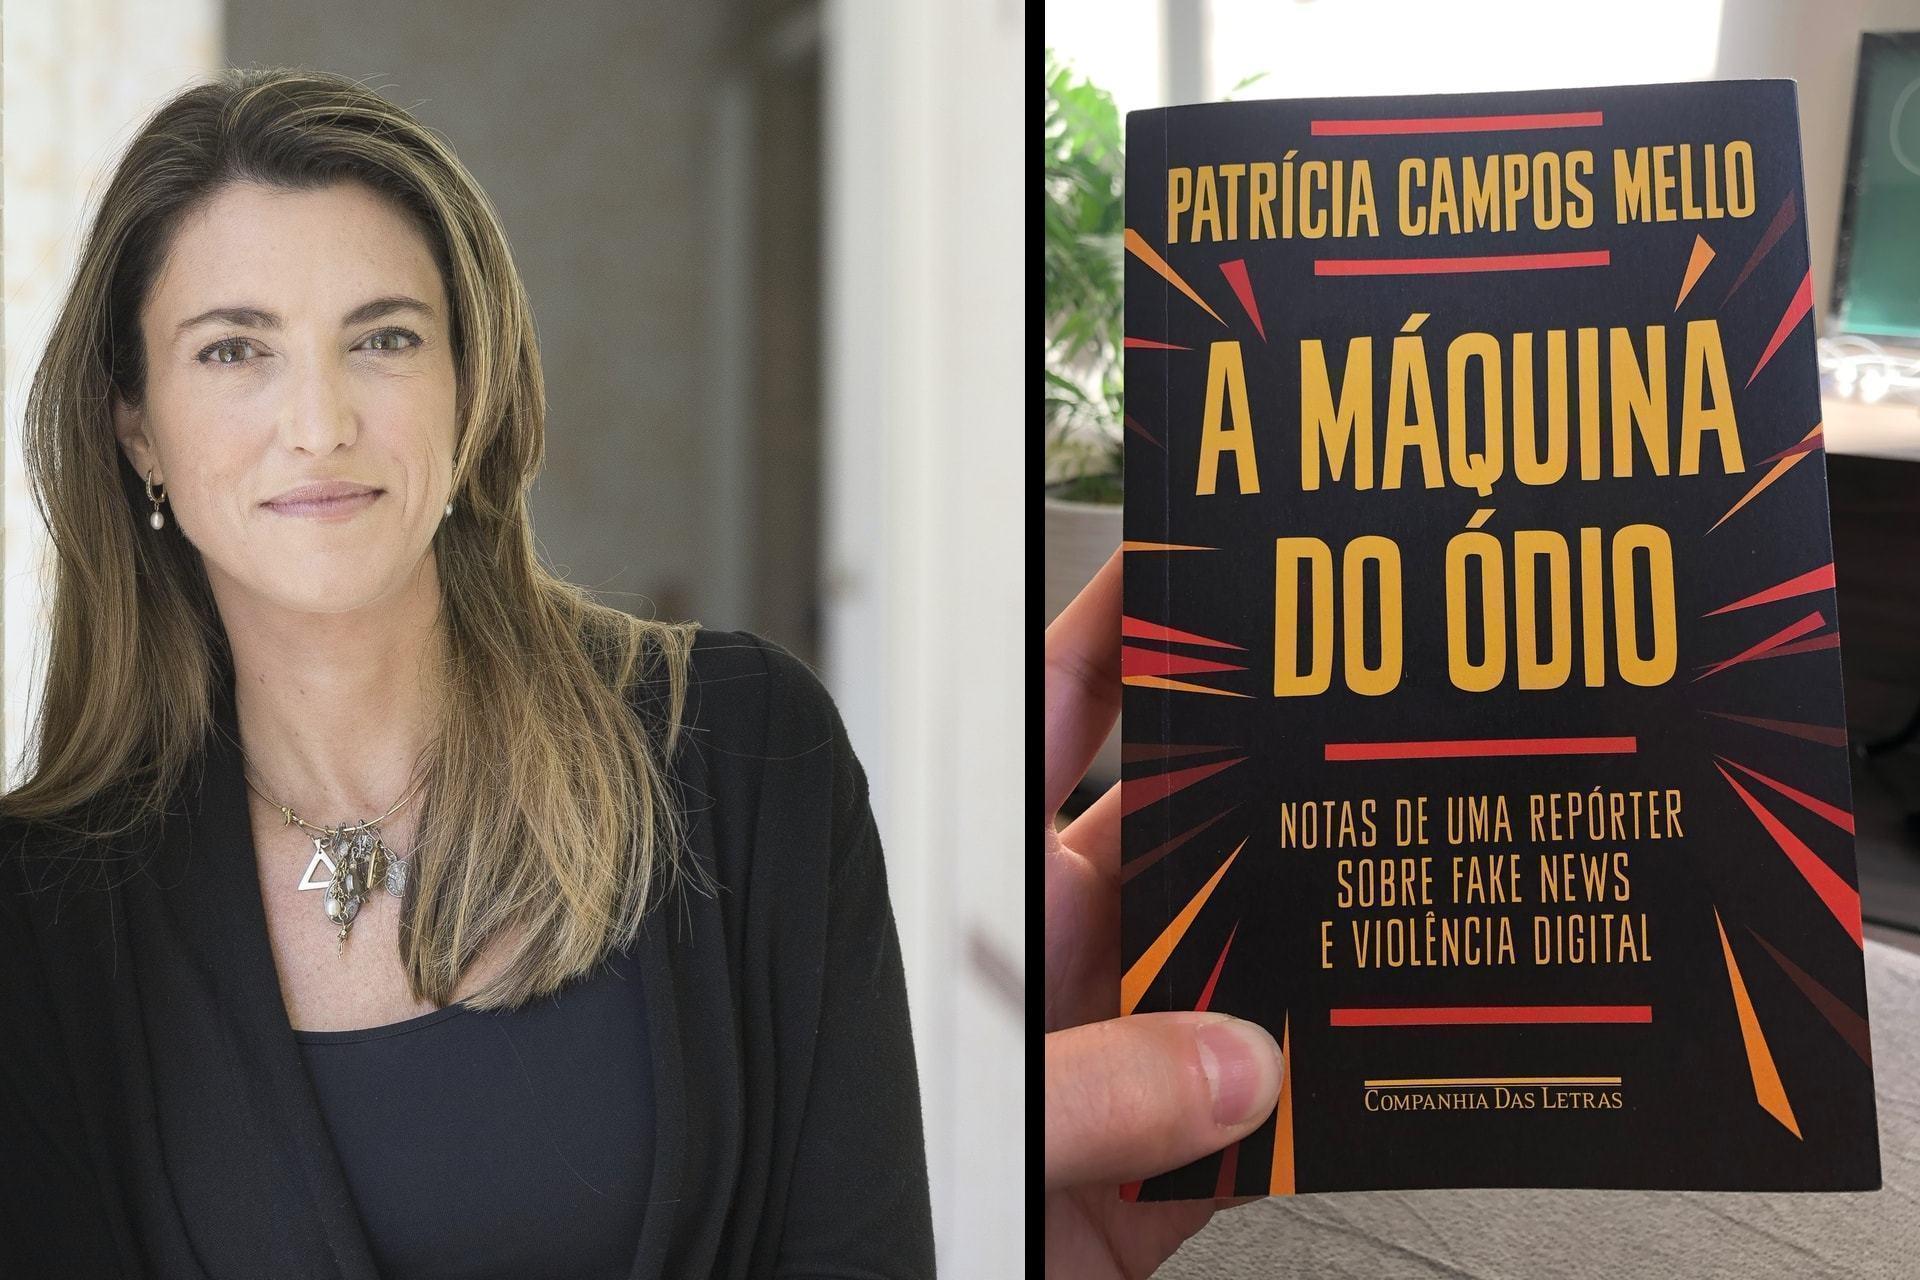 """Montagem com uma foto da Patrícia à esquerda e, à direita, foto da capa do livro """"A máquina do ódio""""."""